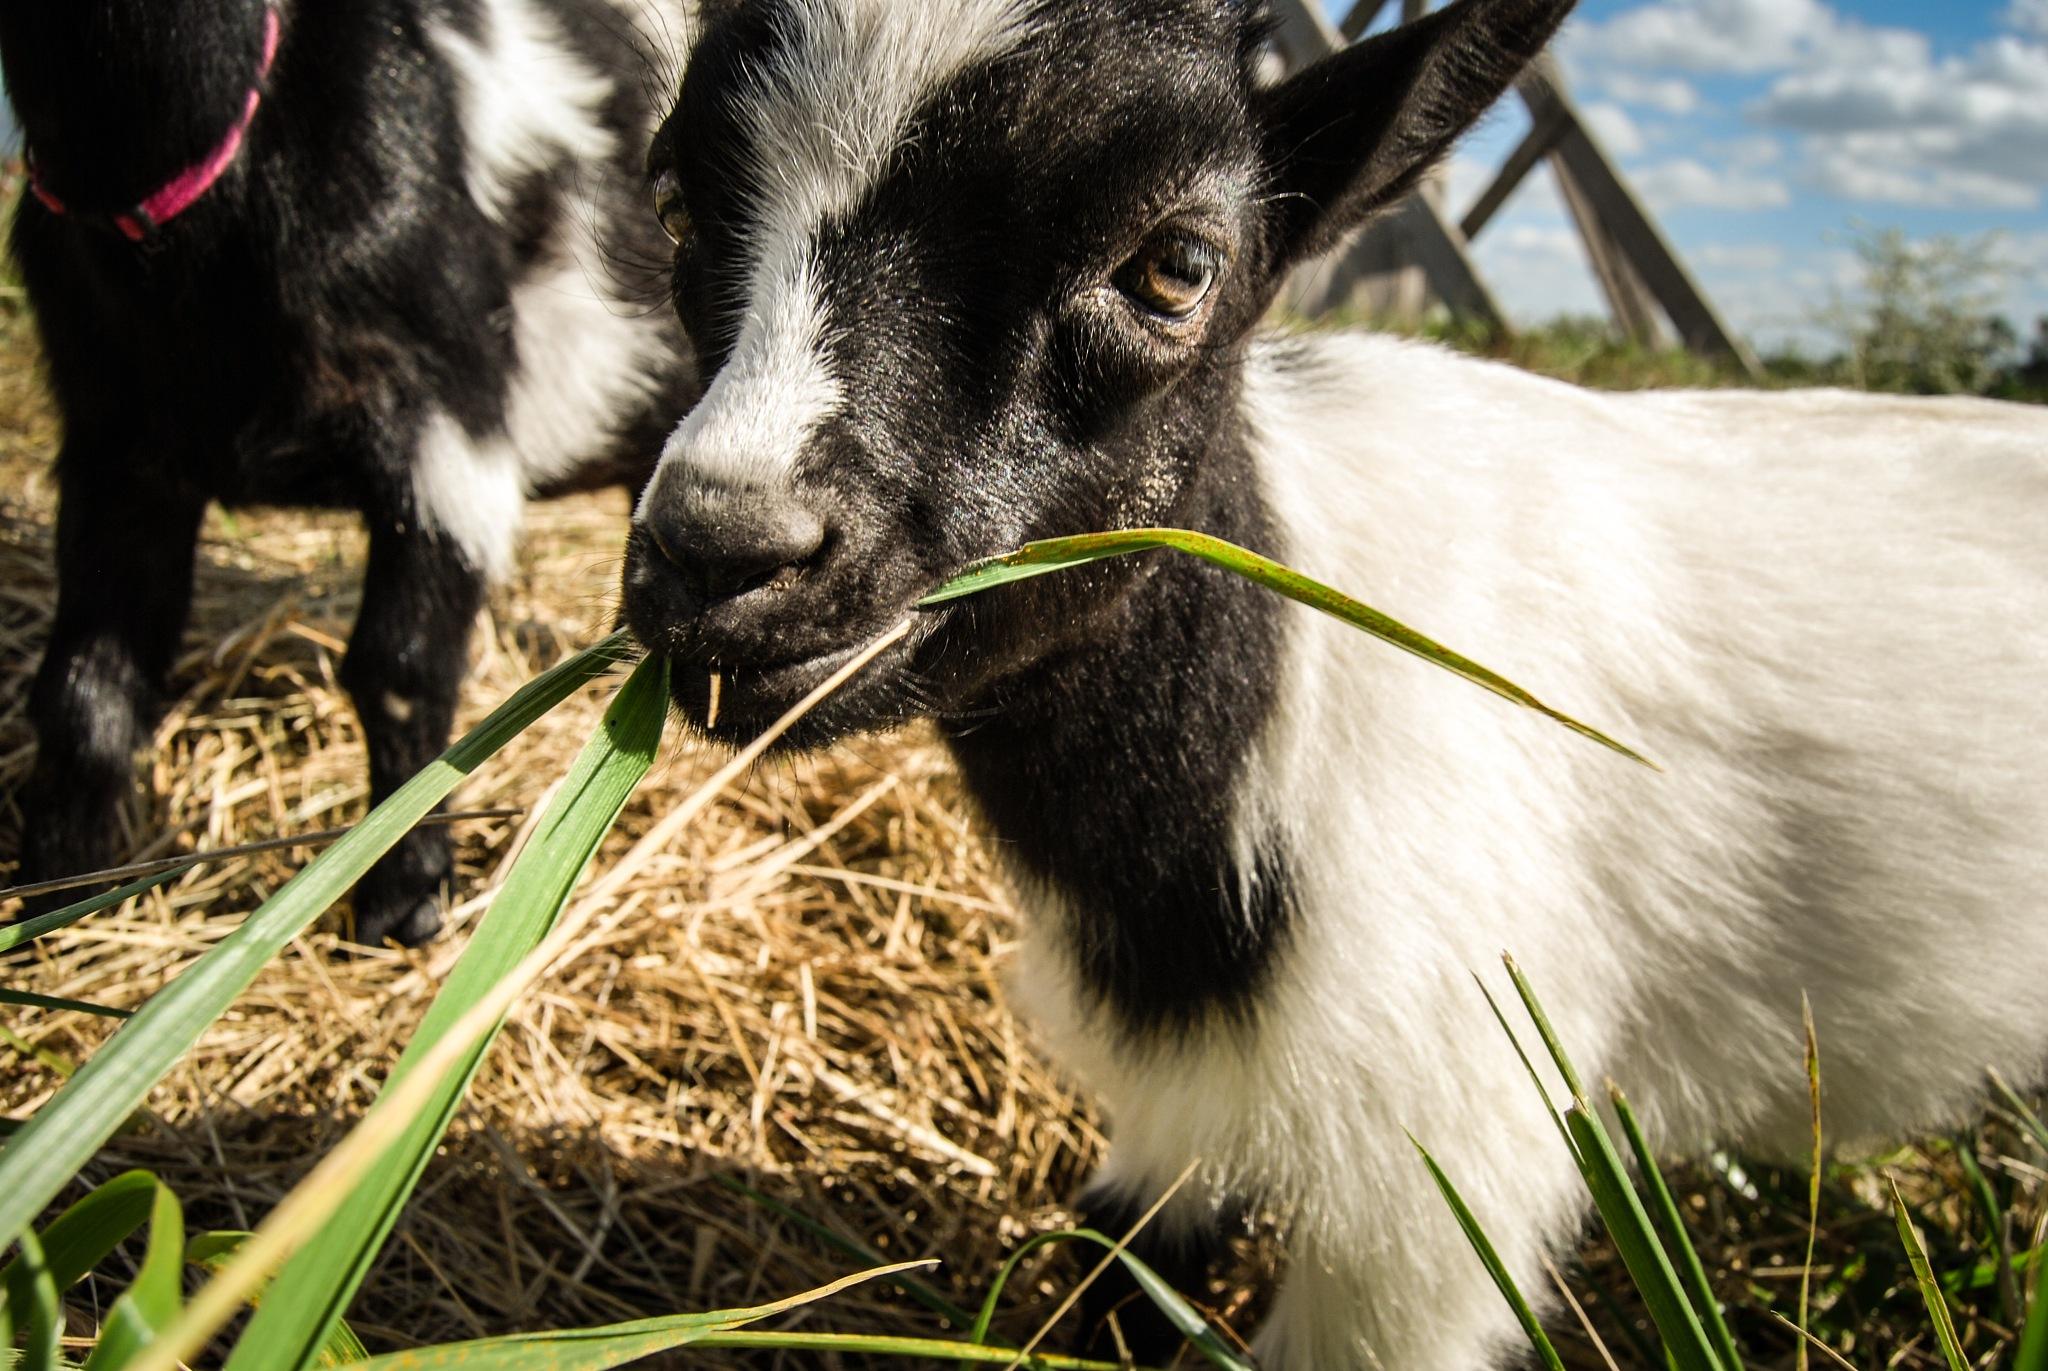 Goat by Amy Elizabeth